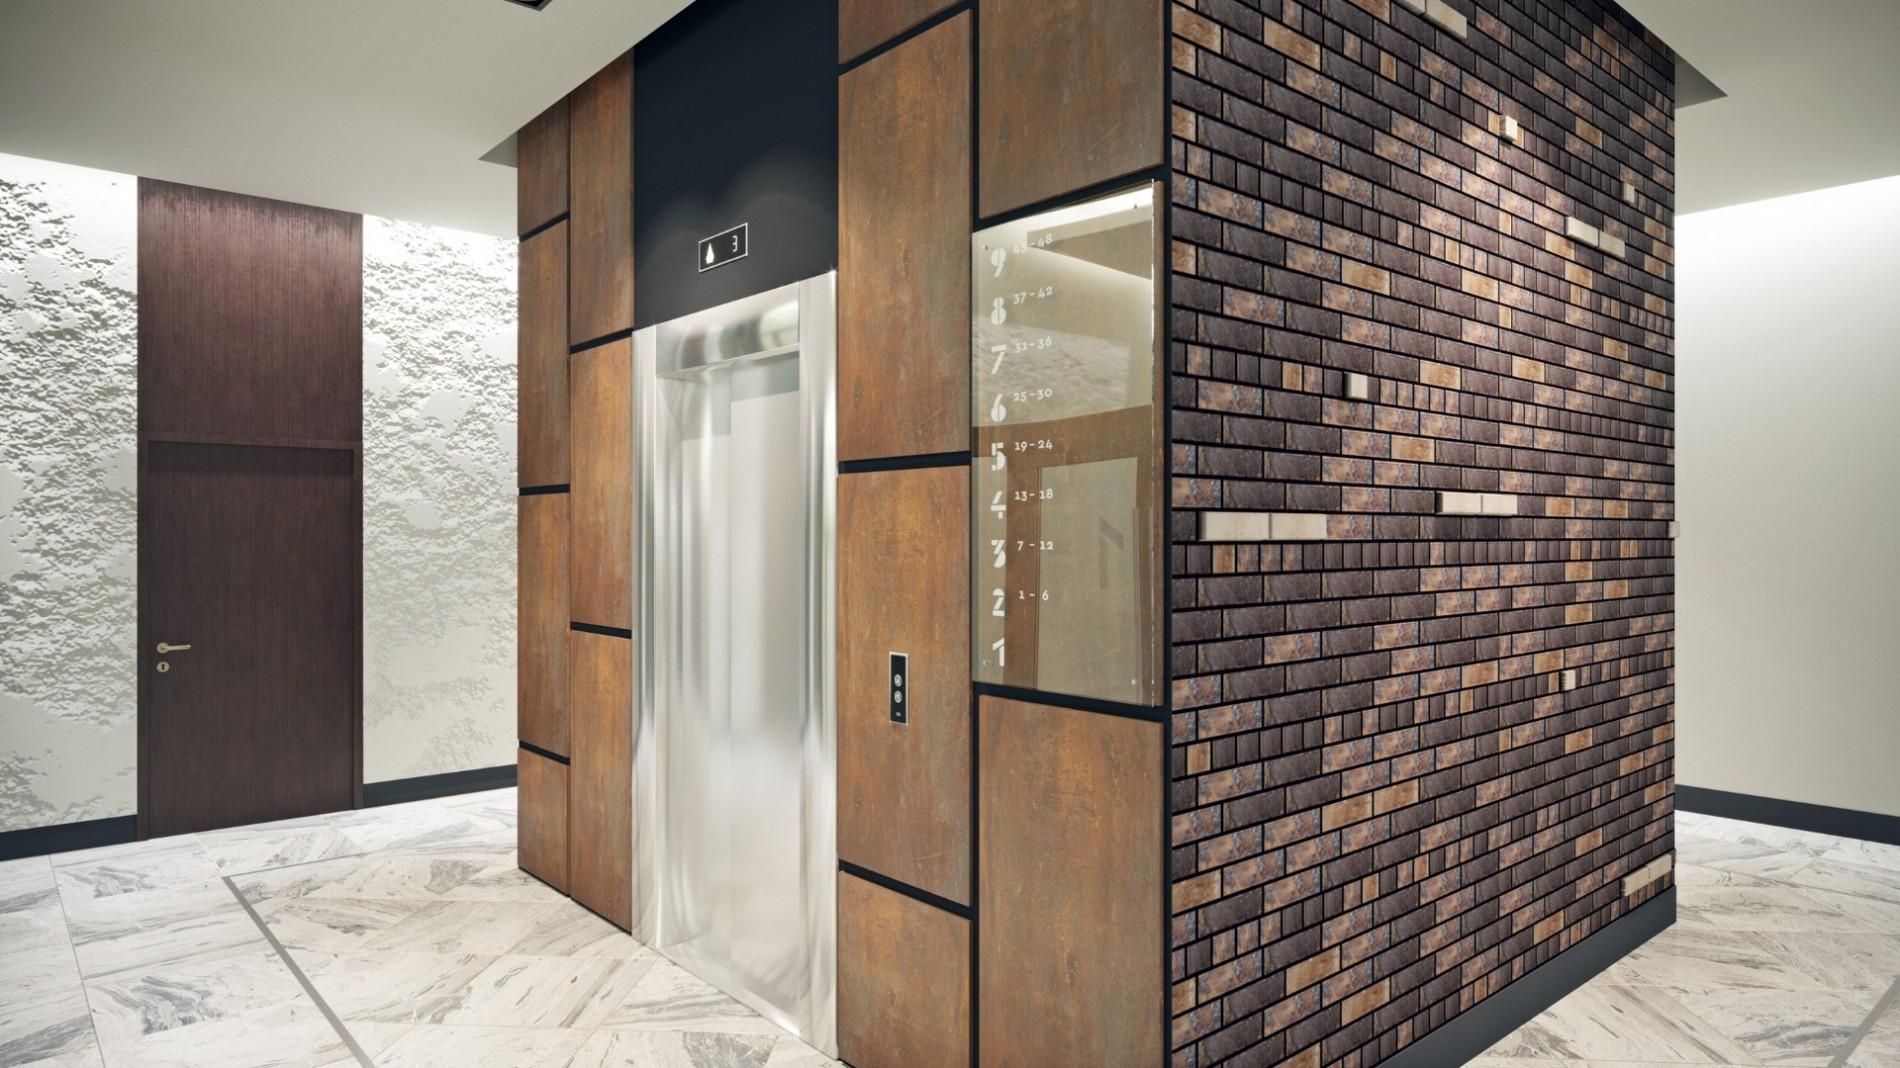 Дизайн жилого дома комфорт-класса, г. Тюмень